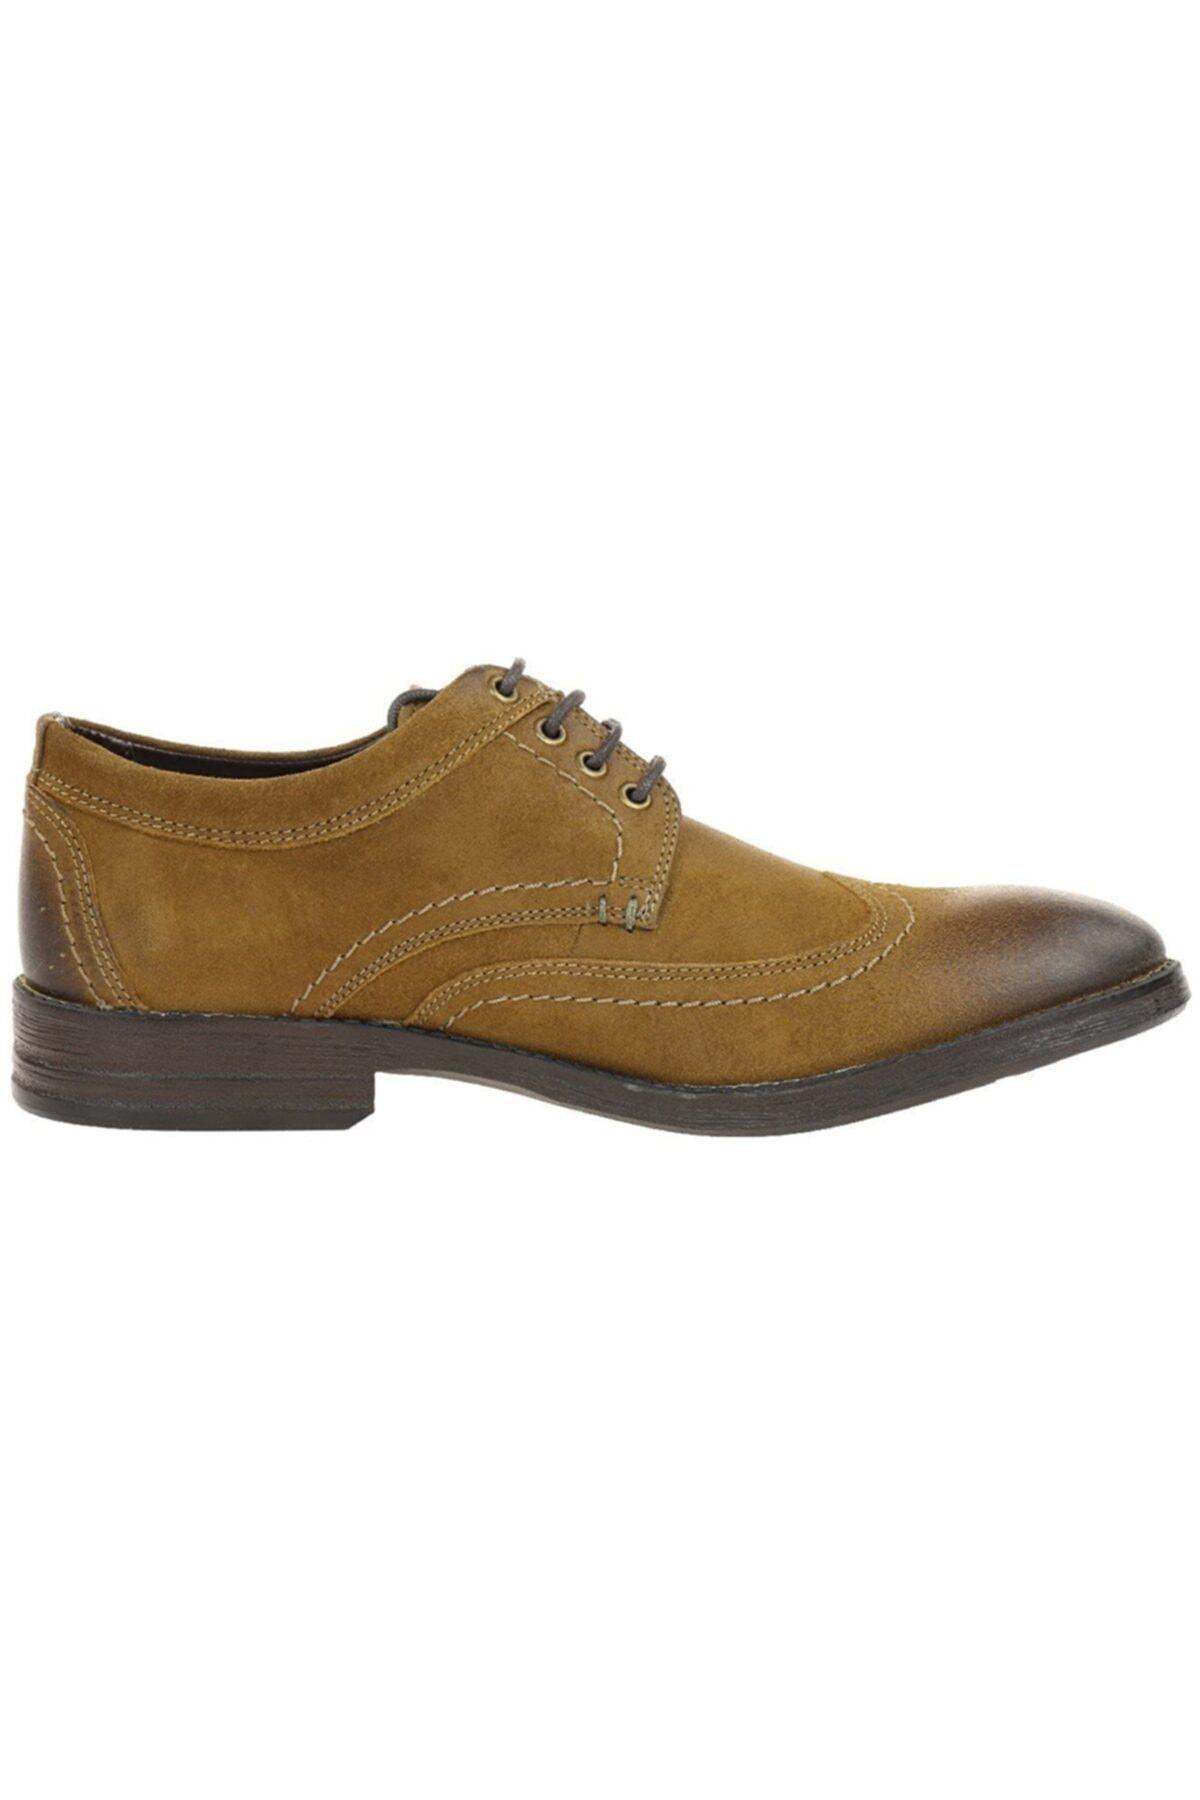 CLARKS Erkek Ayakkabı Büyük Ayaklar Için Şık Bir Seçim Delsin Limit 2